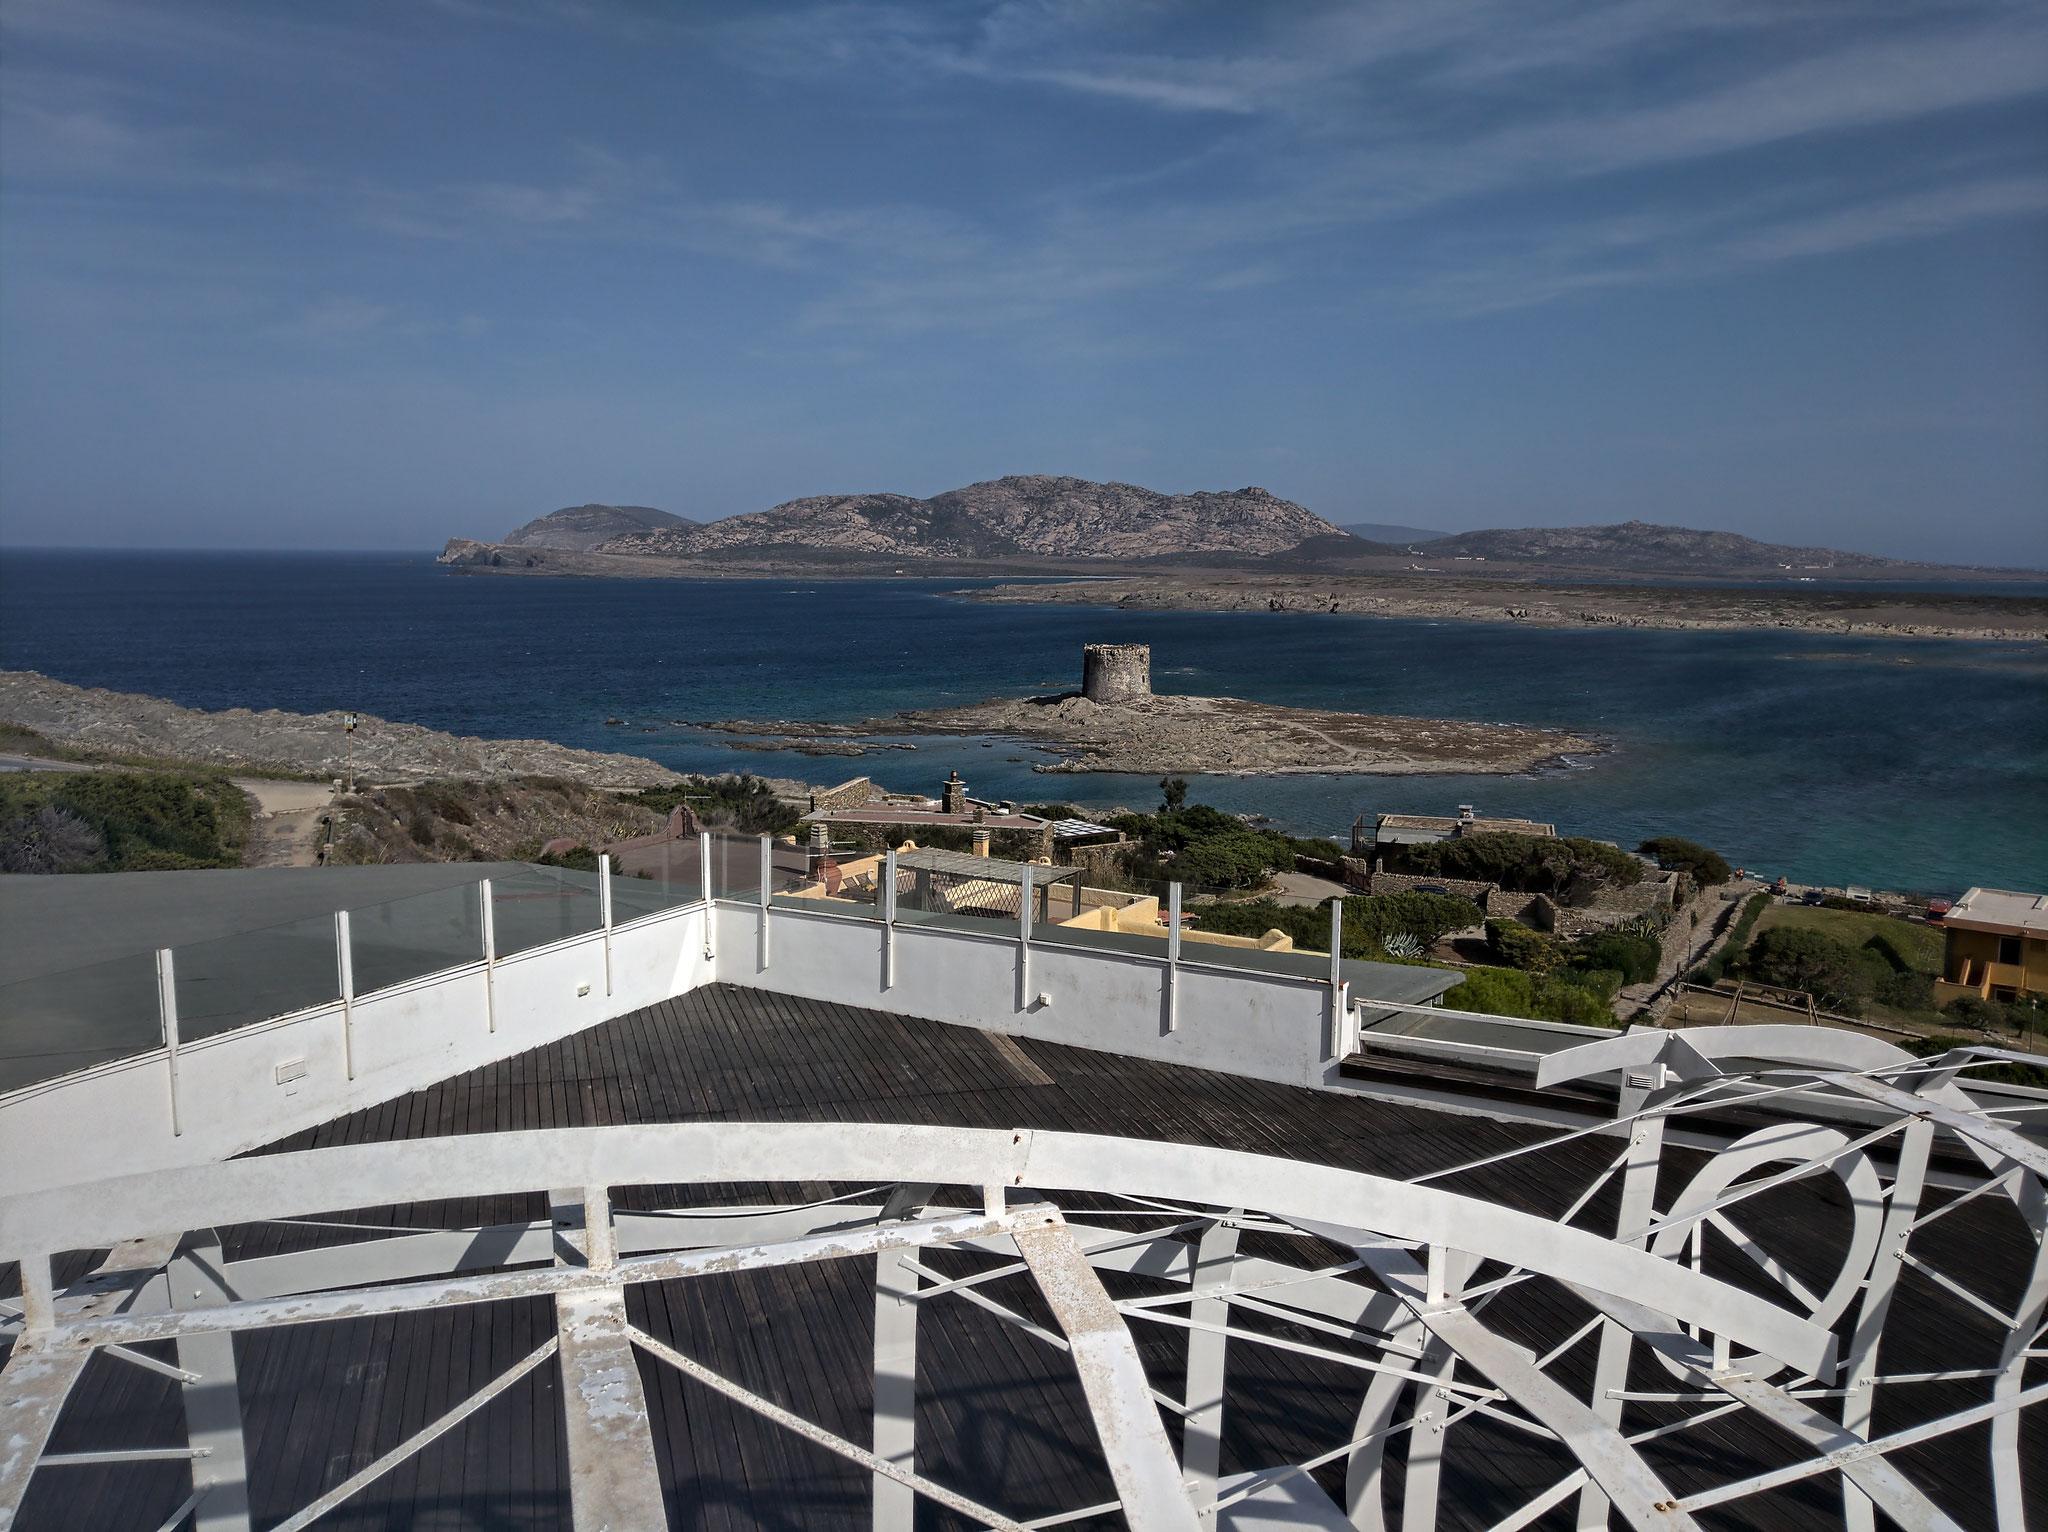 ... und La Pelosa mit Isola Piana